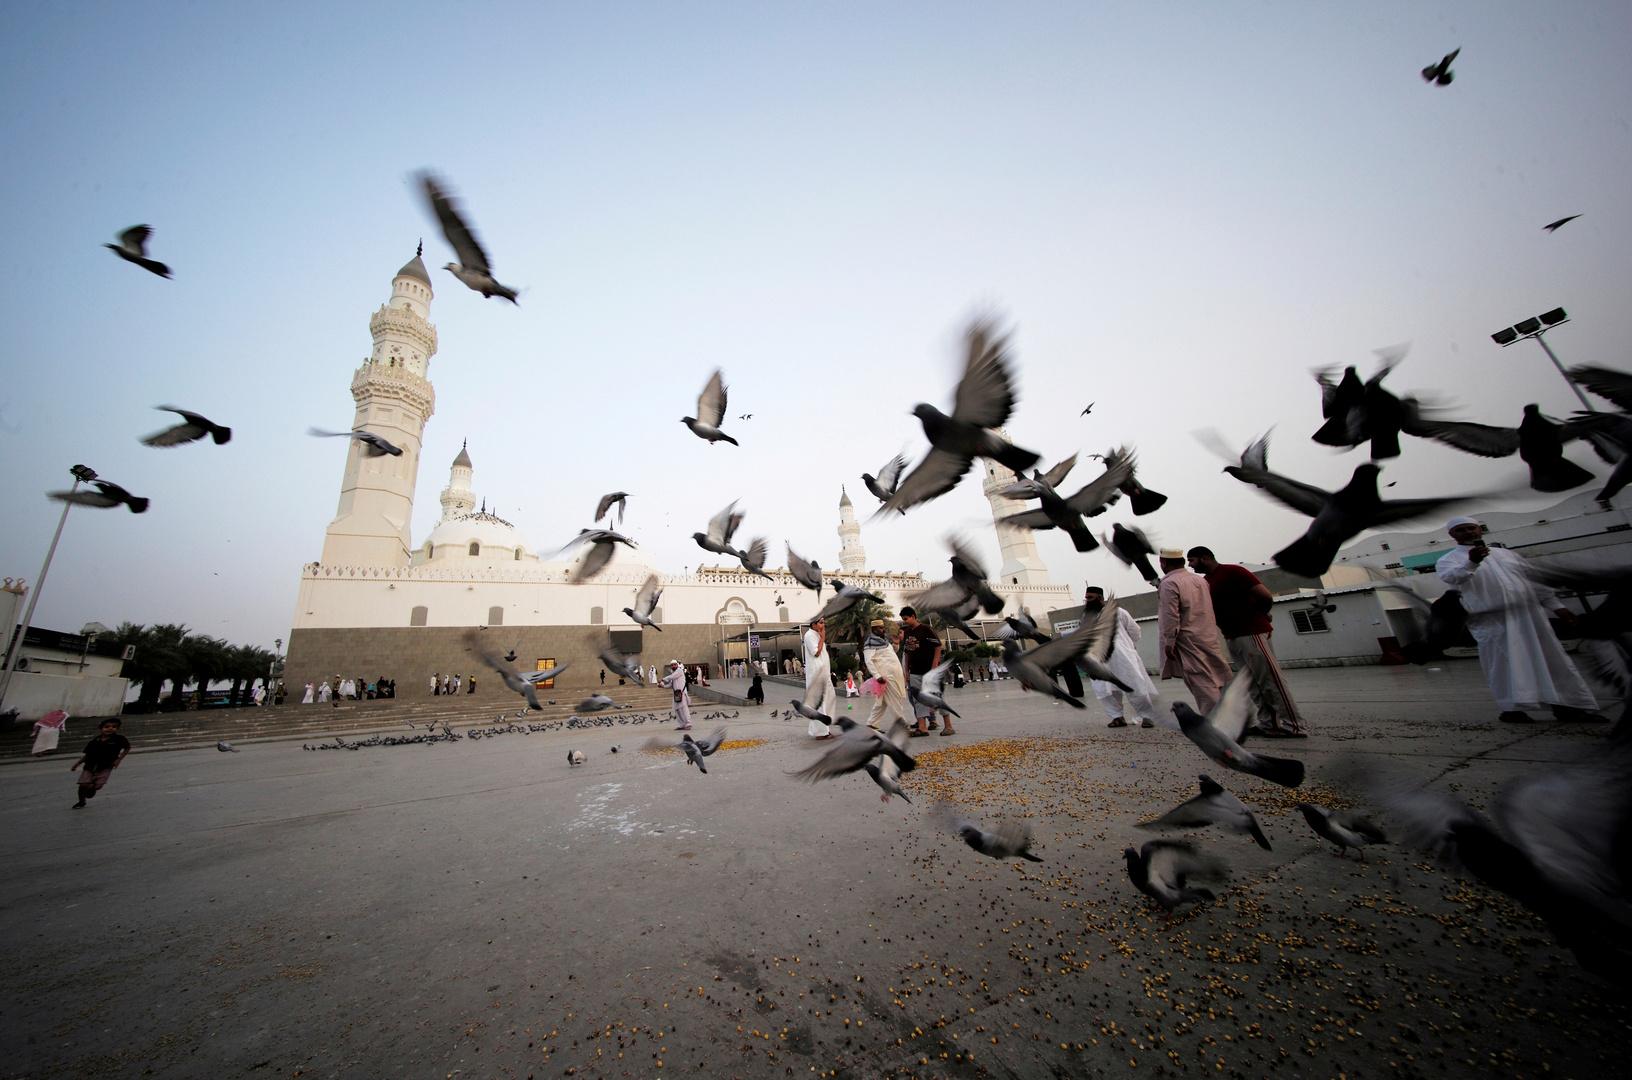 صورة من الأرشيف - المدينة المنورة